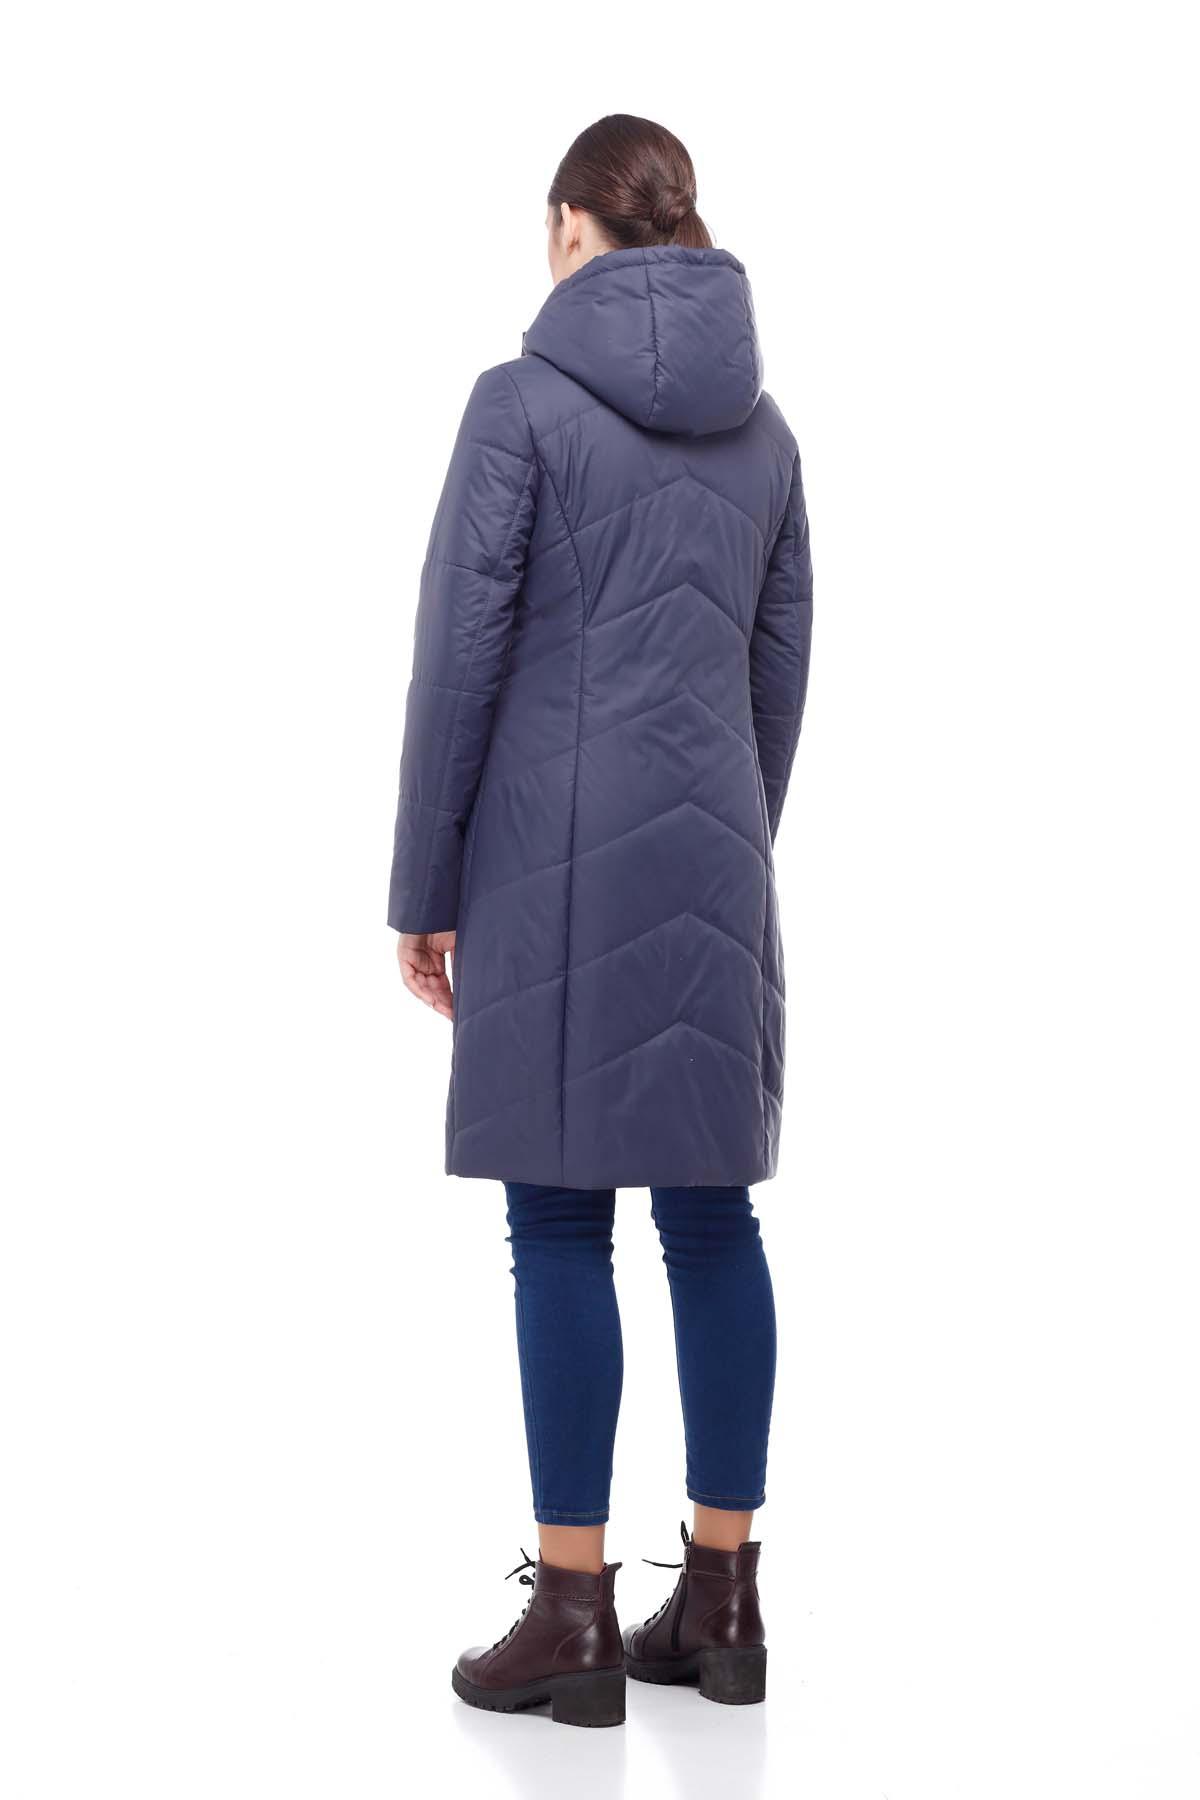 Пальто стьобана Камелія темно-синій